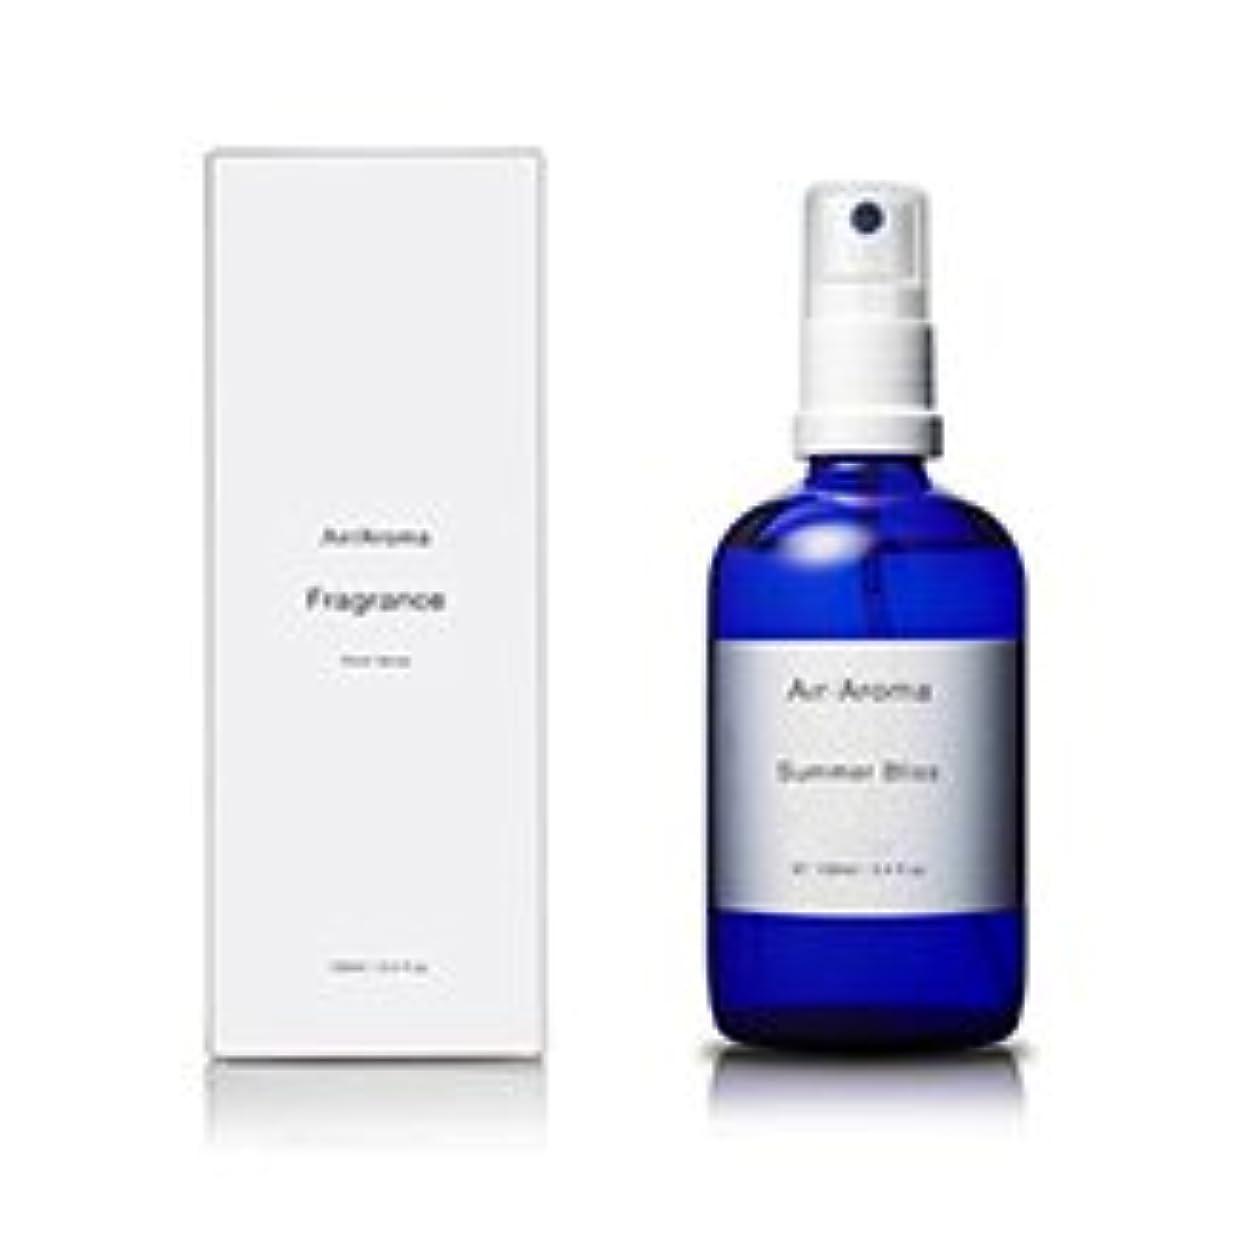 想定ありそう短命エアアロマ summer bliss room fragrance (サマーブリス ルームフレグランス) 100ml